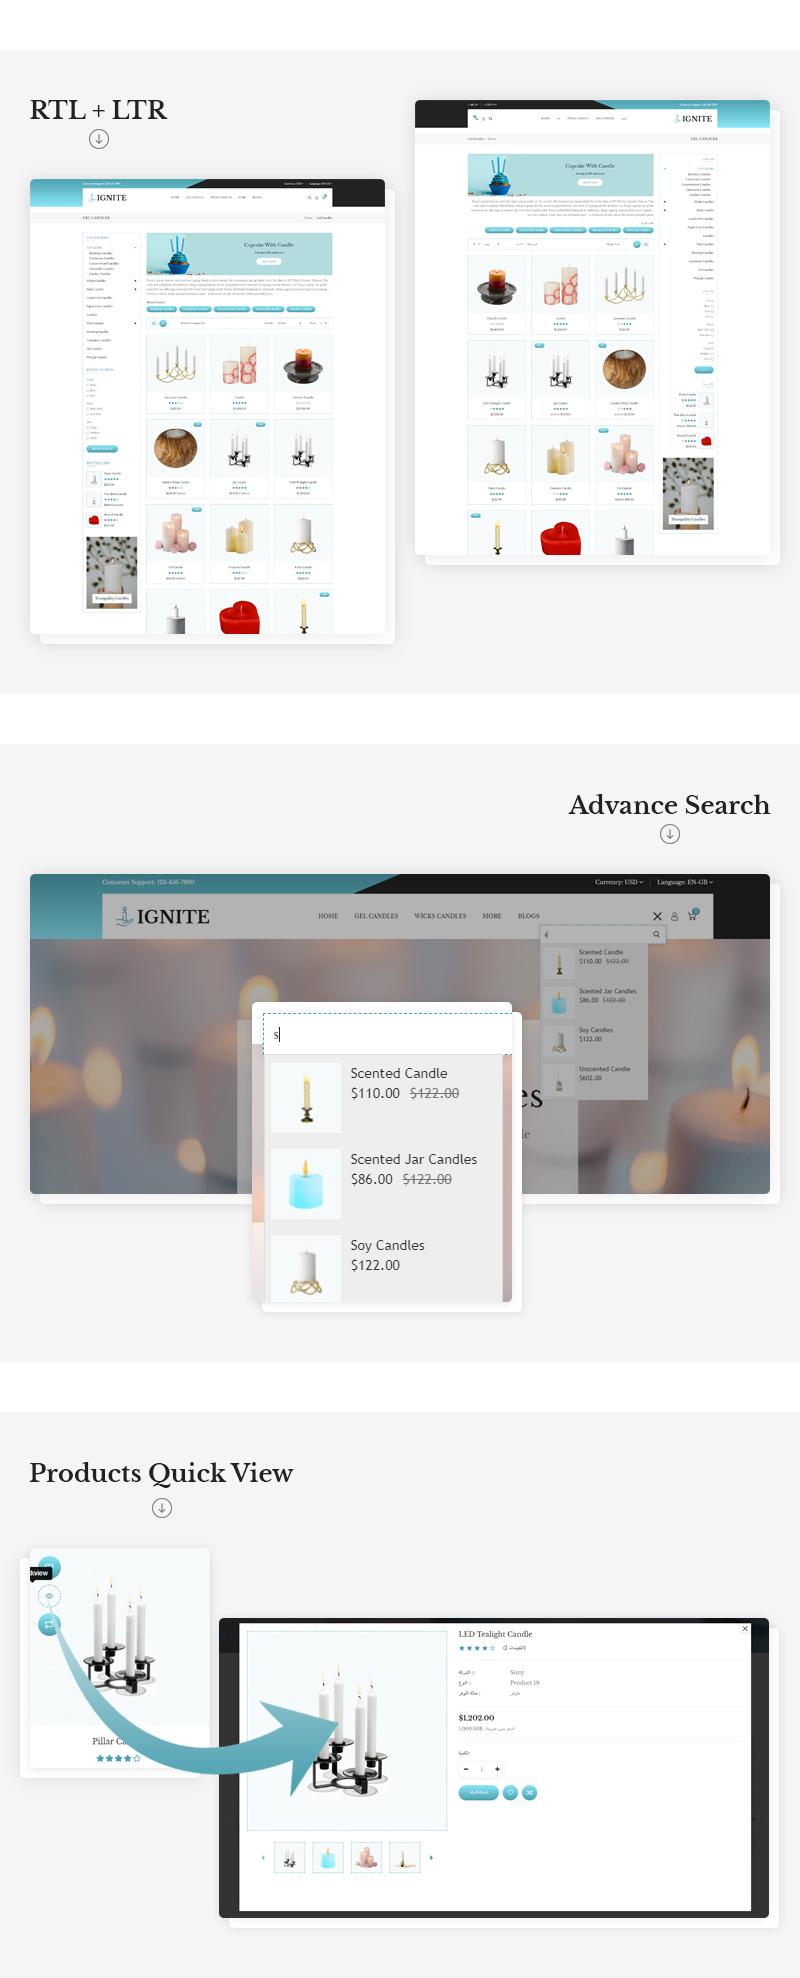 ignite-features-2.jpg